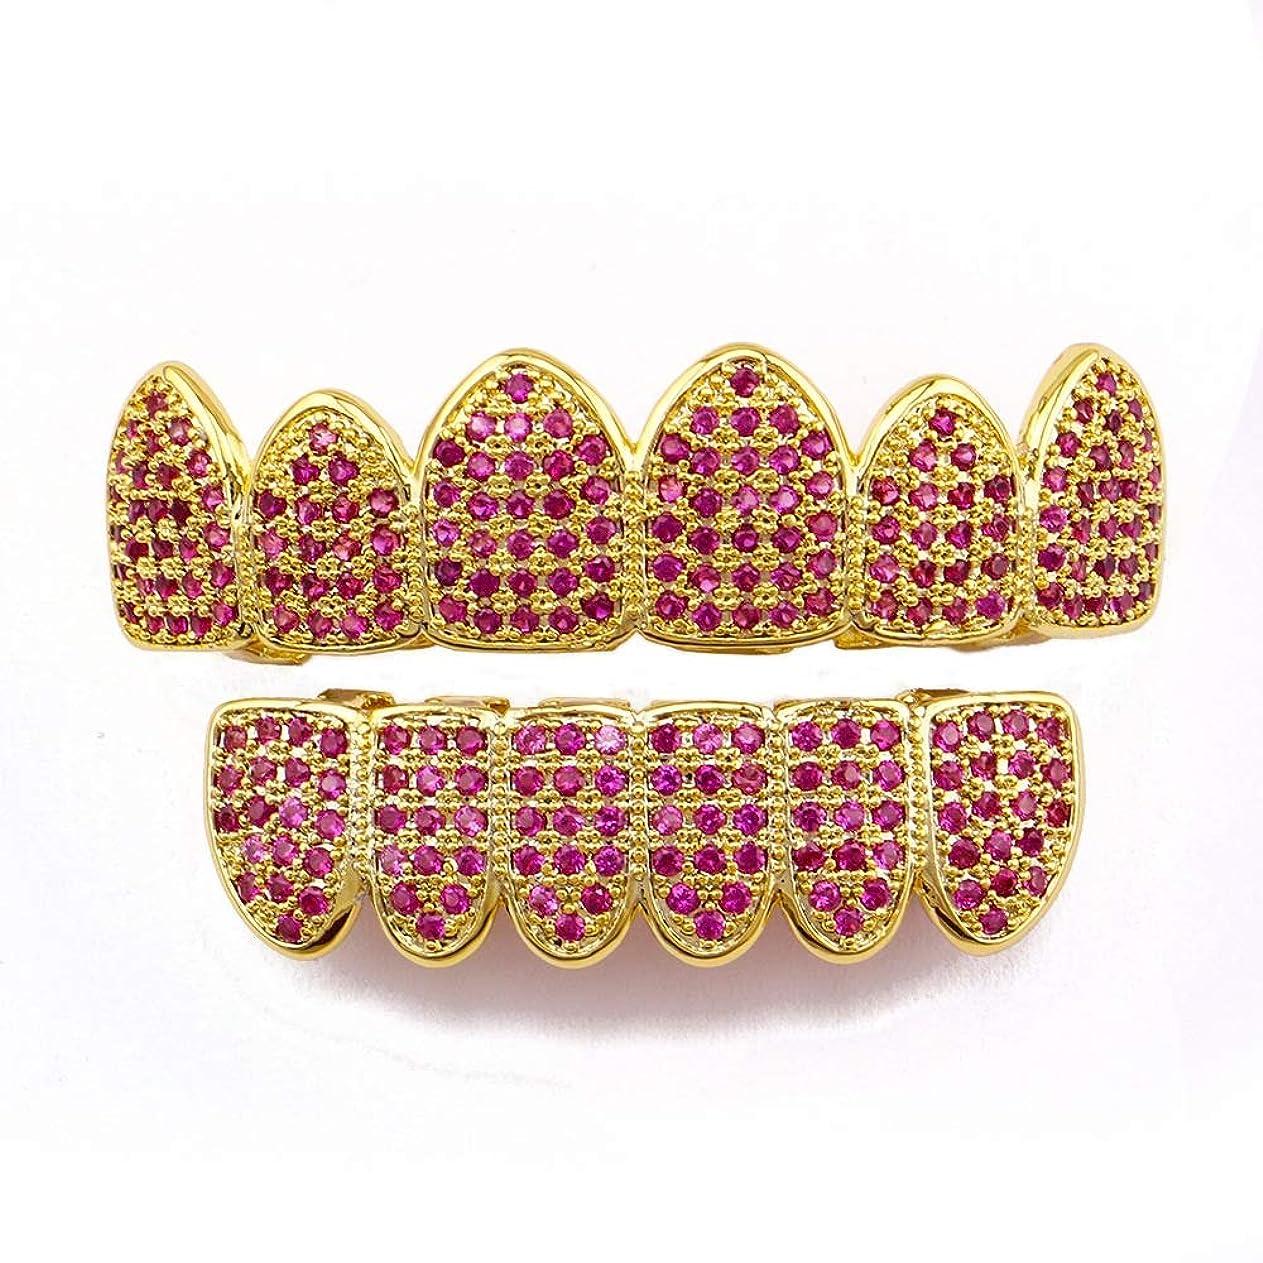 アベニュー定常汚すYHDD ゴールドメッキのピンクのラインストーンゴールドGrillzセット女性用